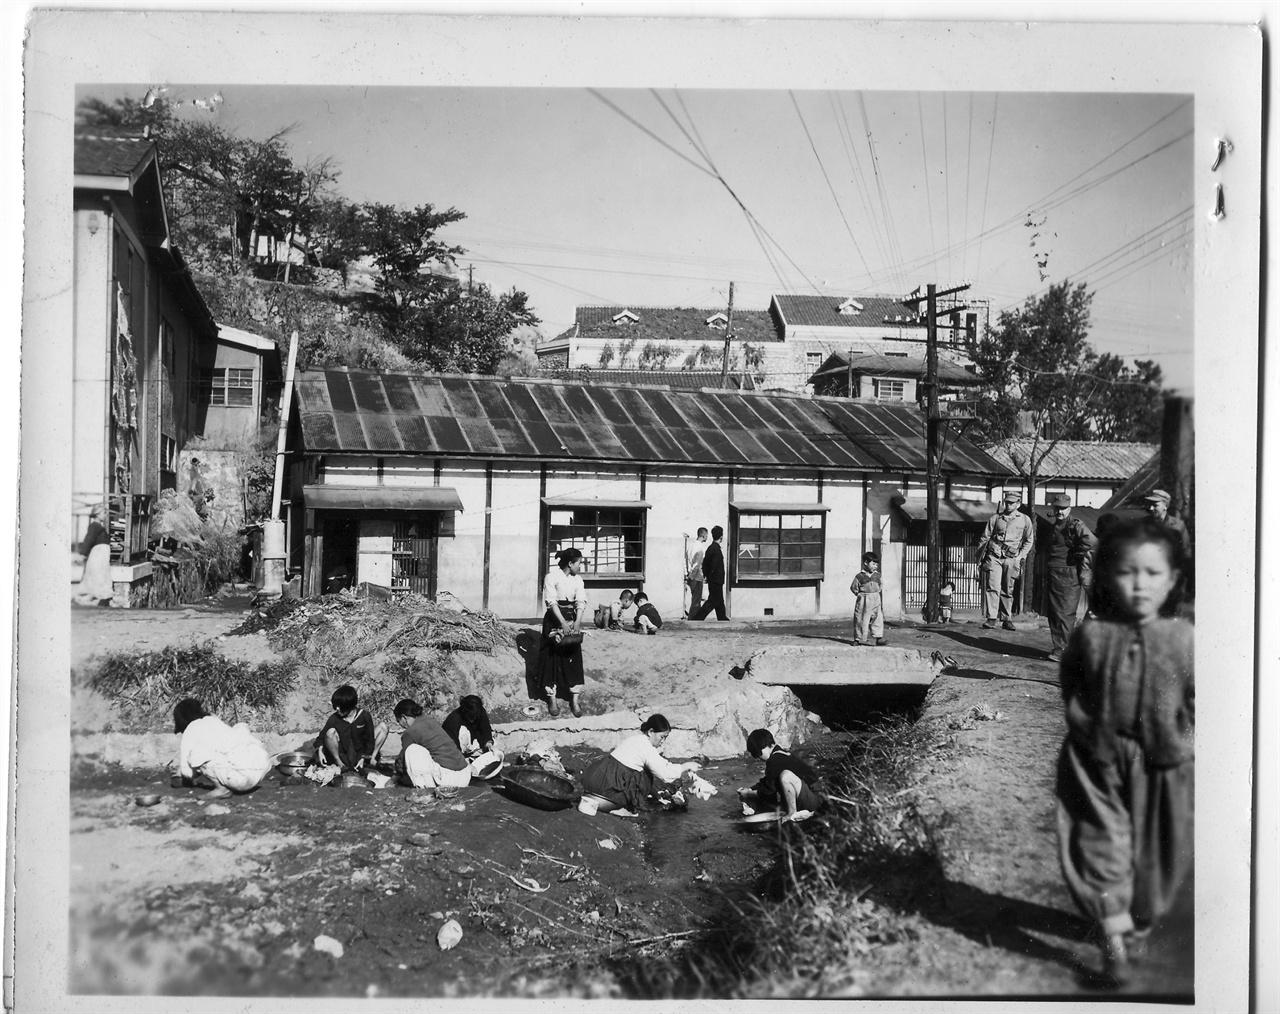 원산, 부녀자들이 동네 냇가에서 빨래를 하고 있다(1950. 11. 1.).